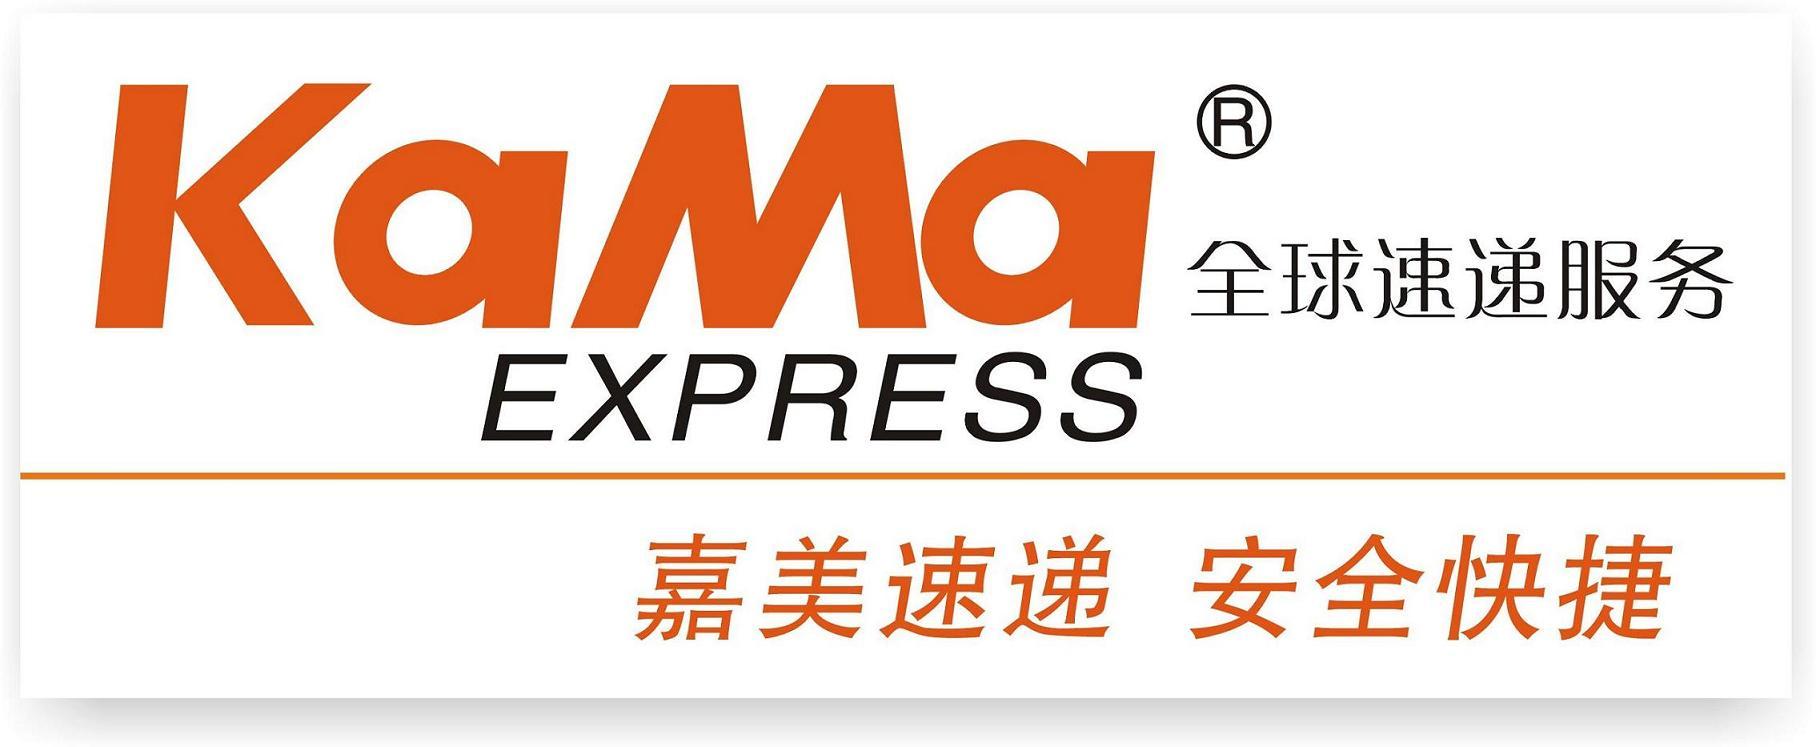 2010年03月广州嘉美国际快递有限公司推出已包含燃油附加费美国